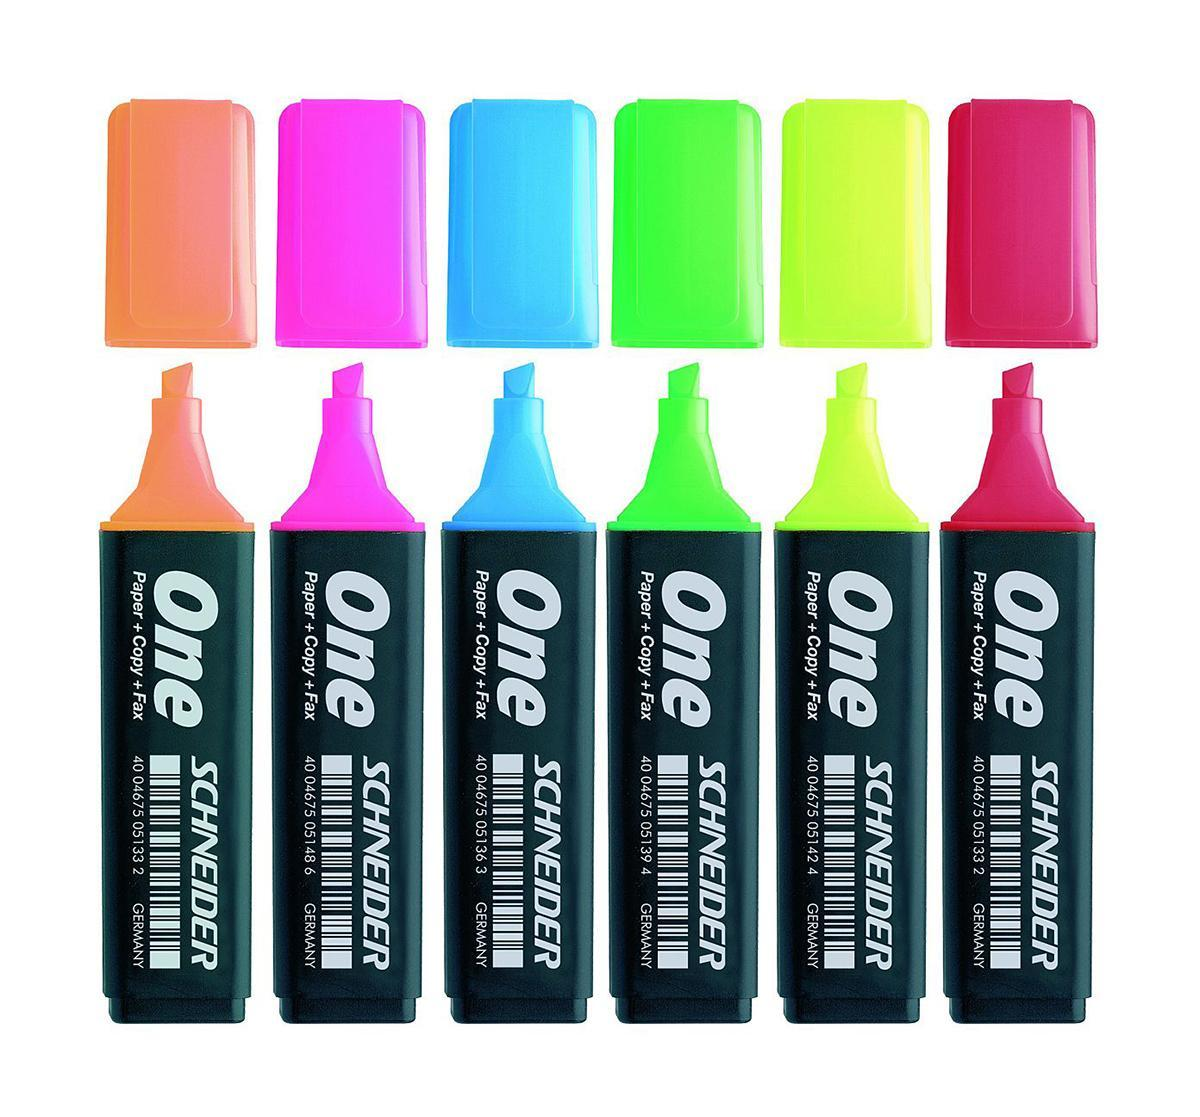 Набор текстмаркеров ONE, 1+5 мм, 6 шт., (желтый, оранжевый, розовый, зеленый, синий, красный). бусина авантюрин зеленый сплюснутый шар 6 6 5 мм 1 шт